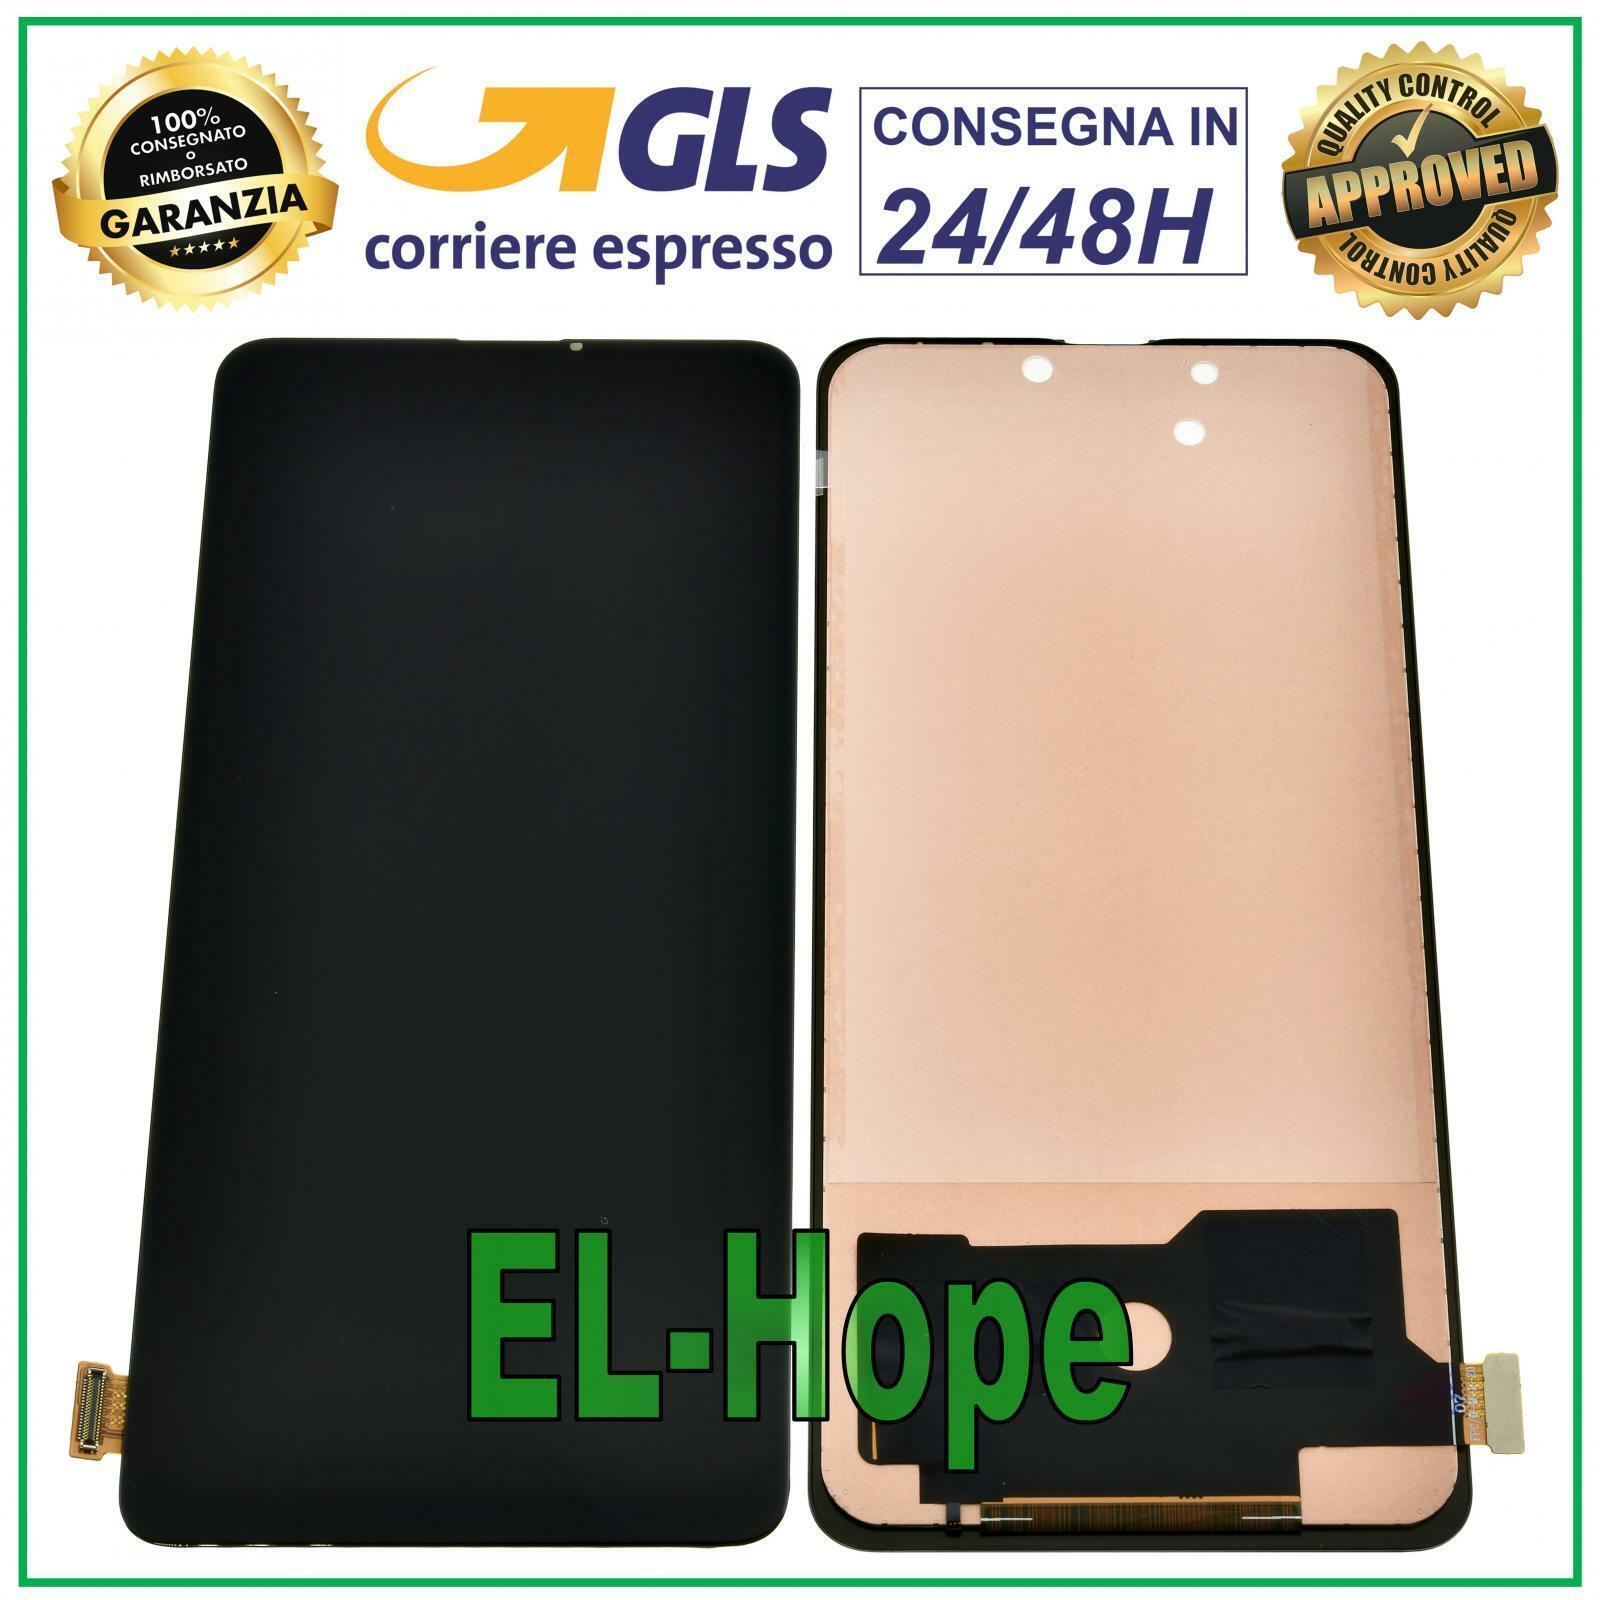 xiaomi: DISPLAY LCD XIAOMI MI 9T /9T PRO REDMI K20 /K20 pro M1903F10G TOUCH VETRO TFT